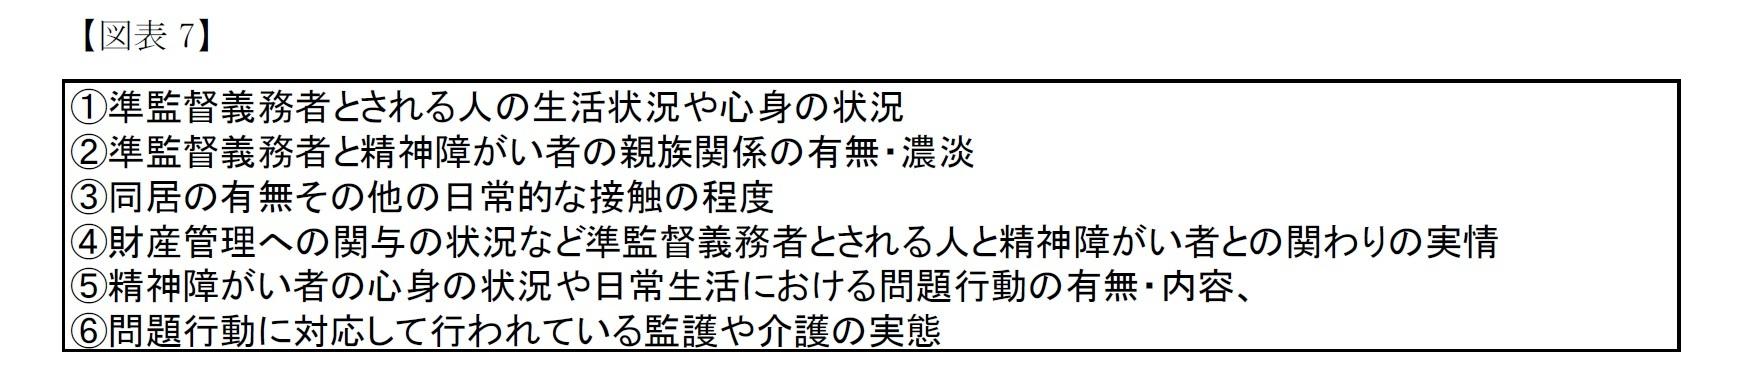 【図表7】諸般の事情